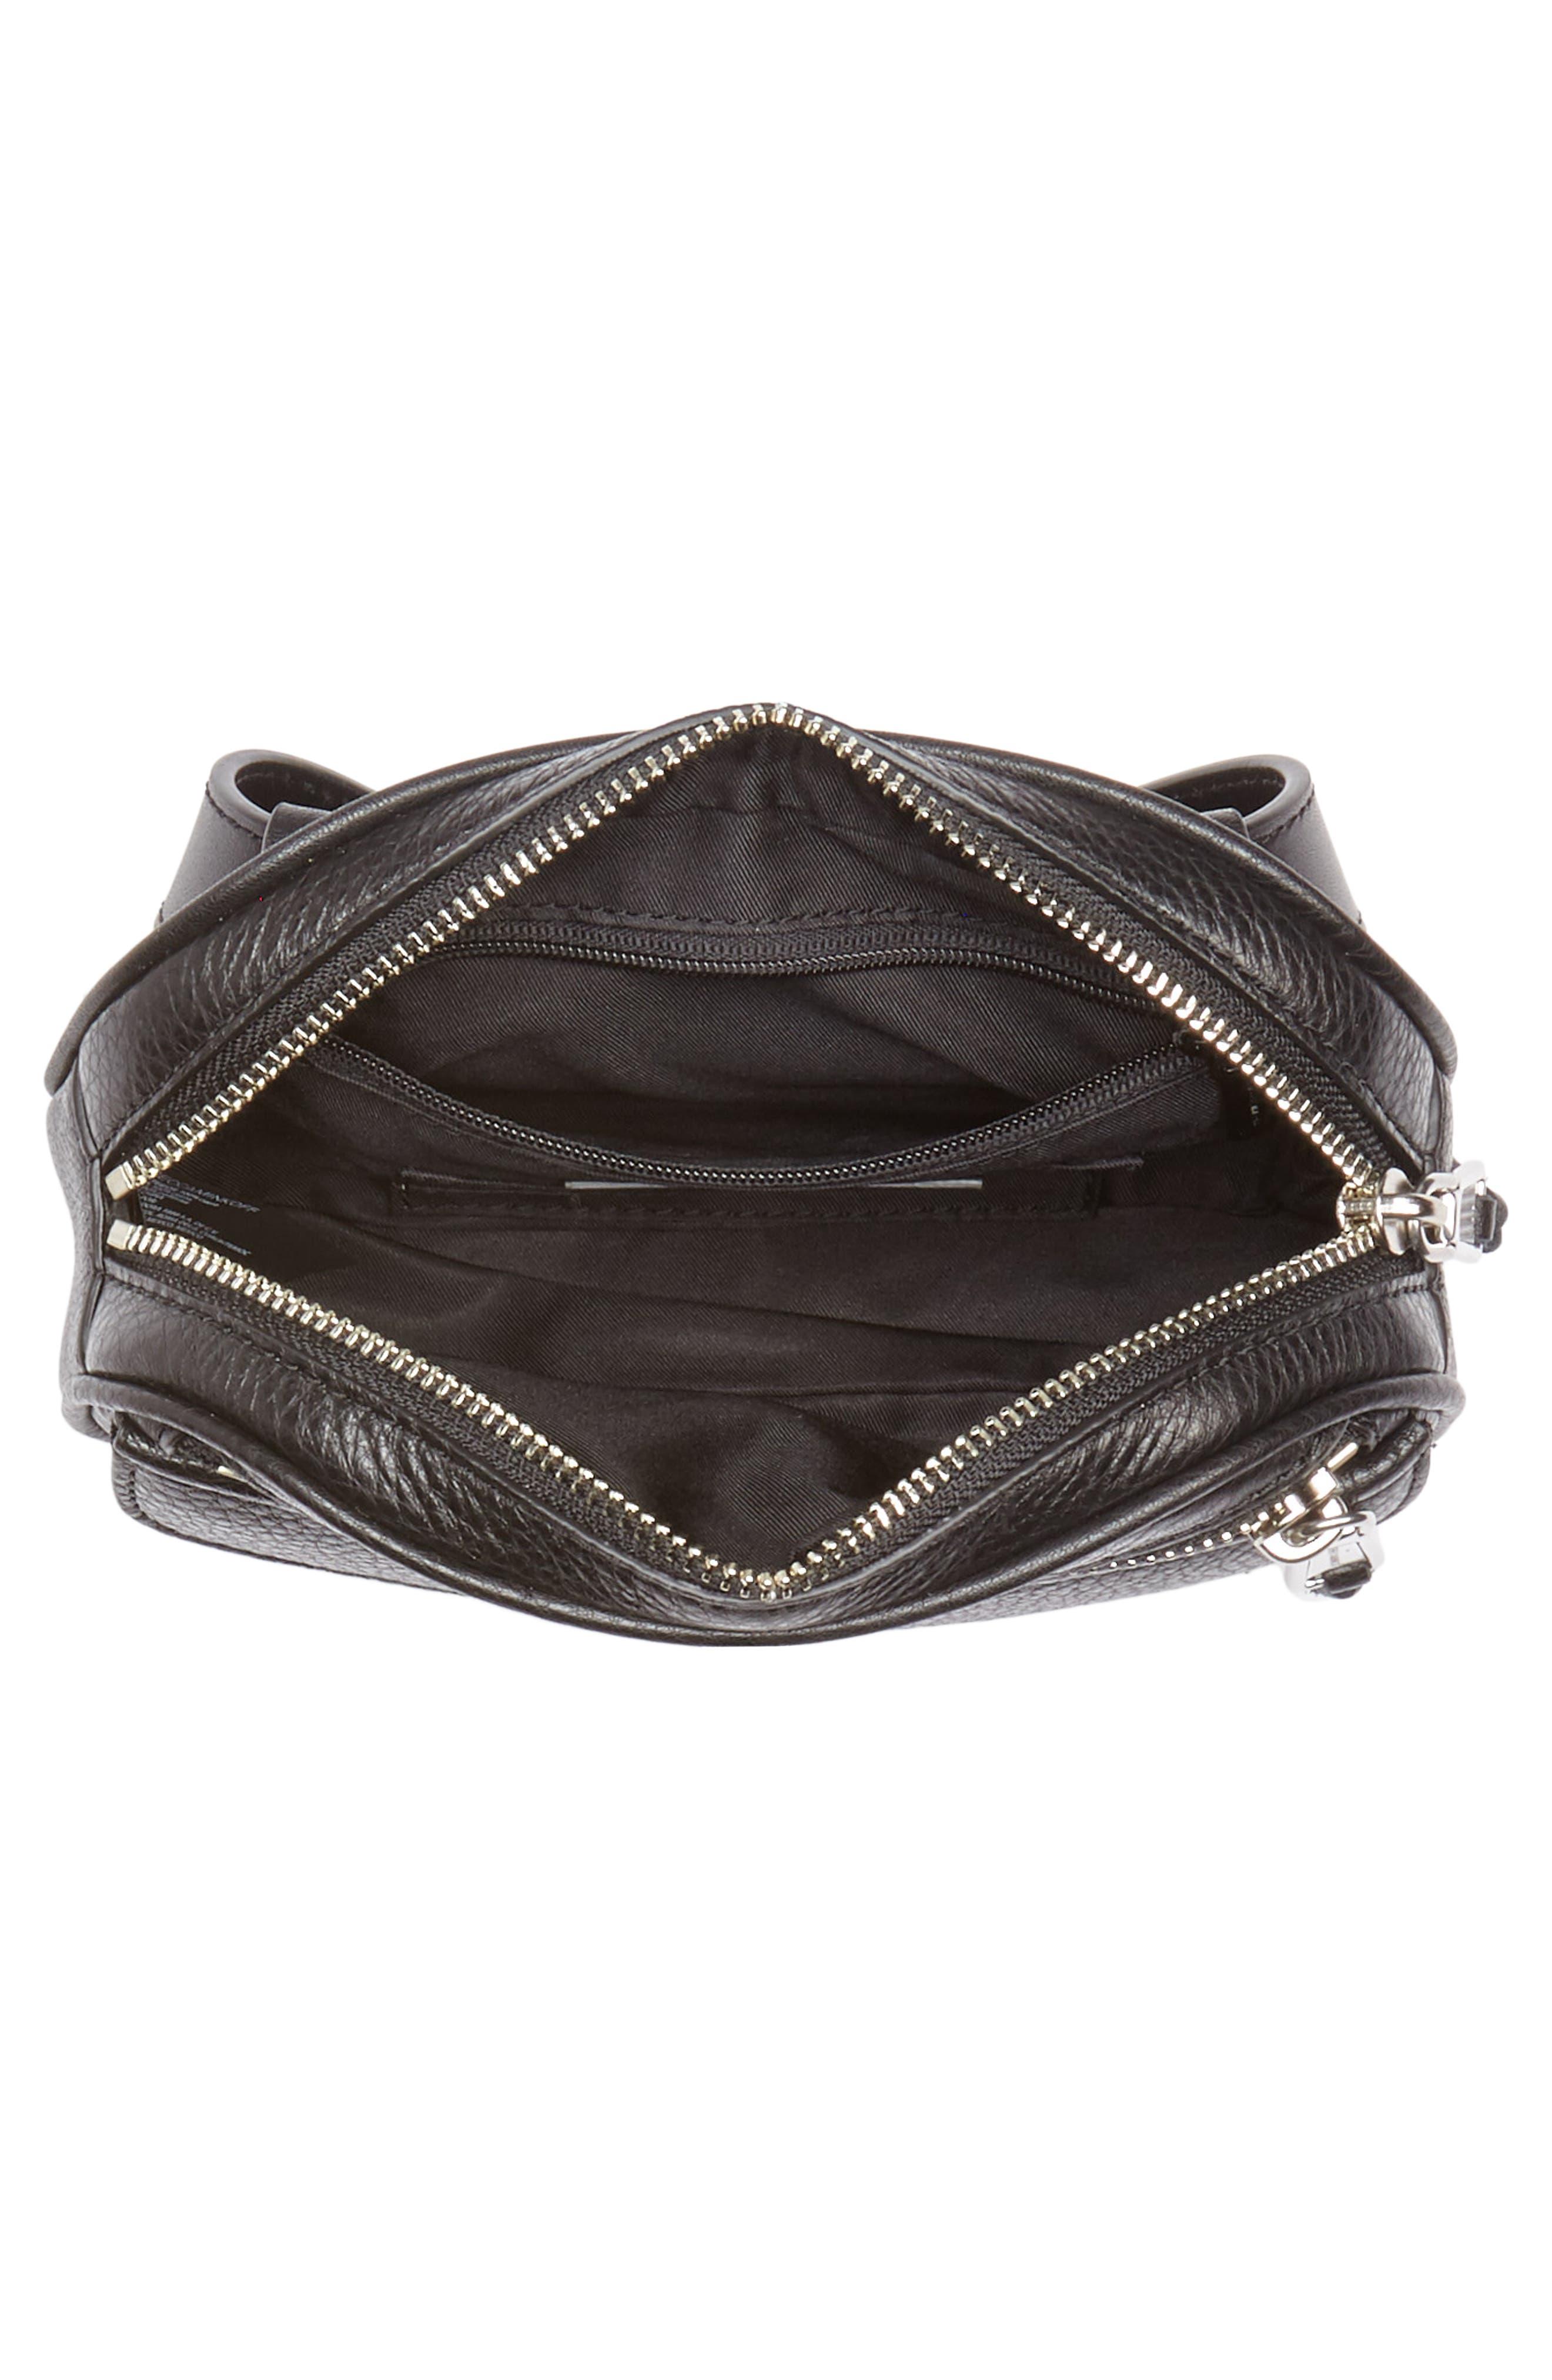 Blythe Leather Belt Bag,                             Alternate thumbnail 5, color,                             BLACK